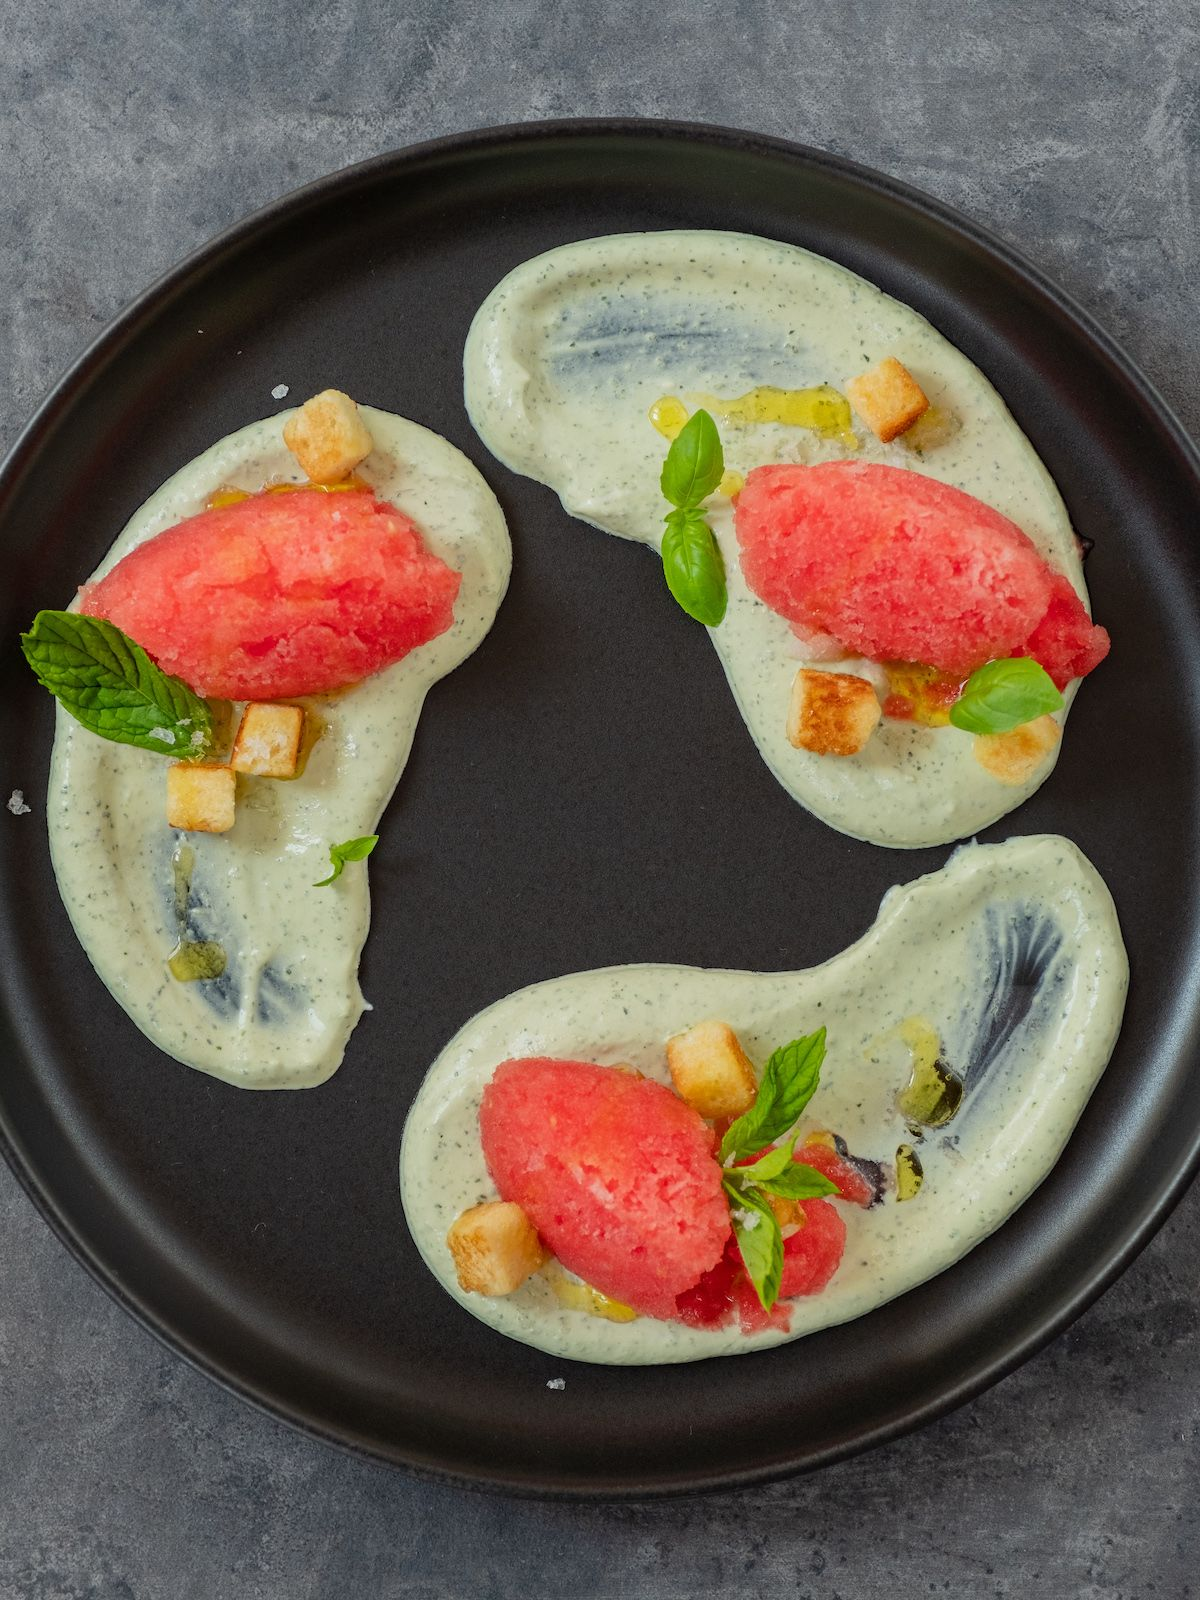 Foodblog, Rezept, Wassermelonengranita auf Basilikum-Minz-Schmand und Brioche-Croutons, Dessert, Teller